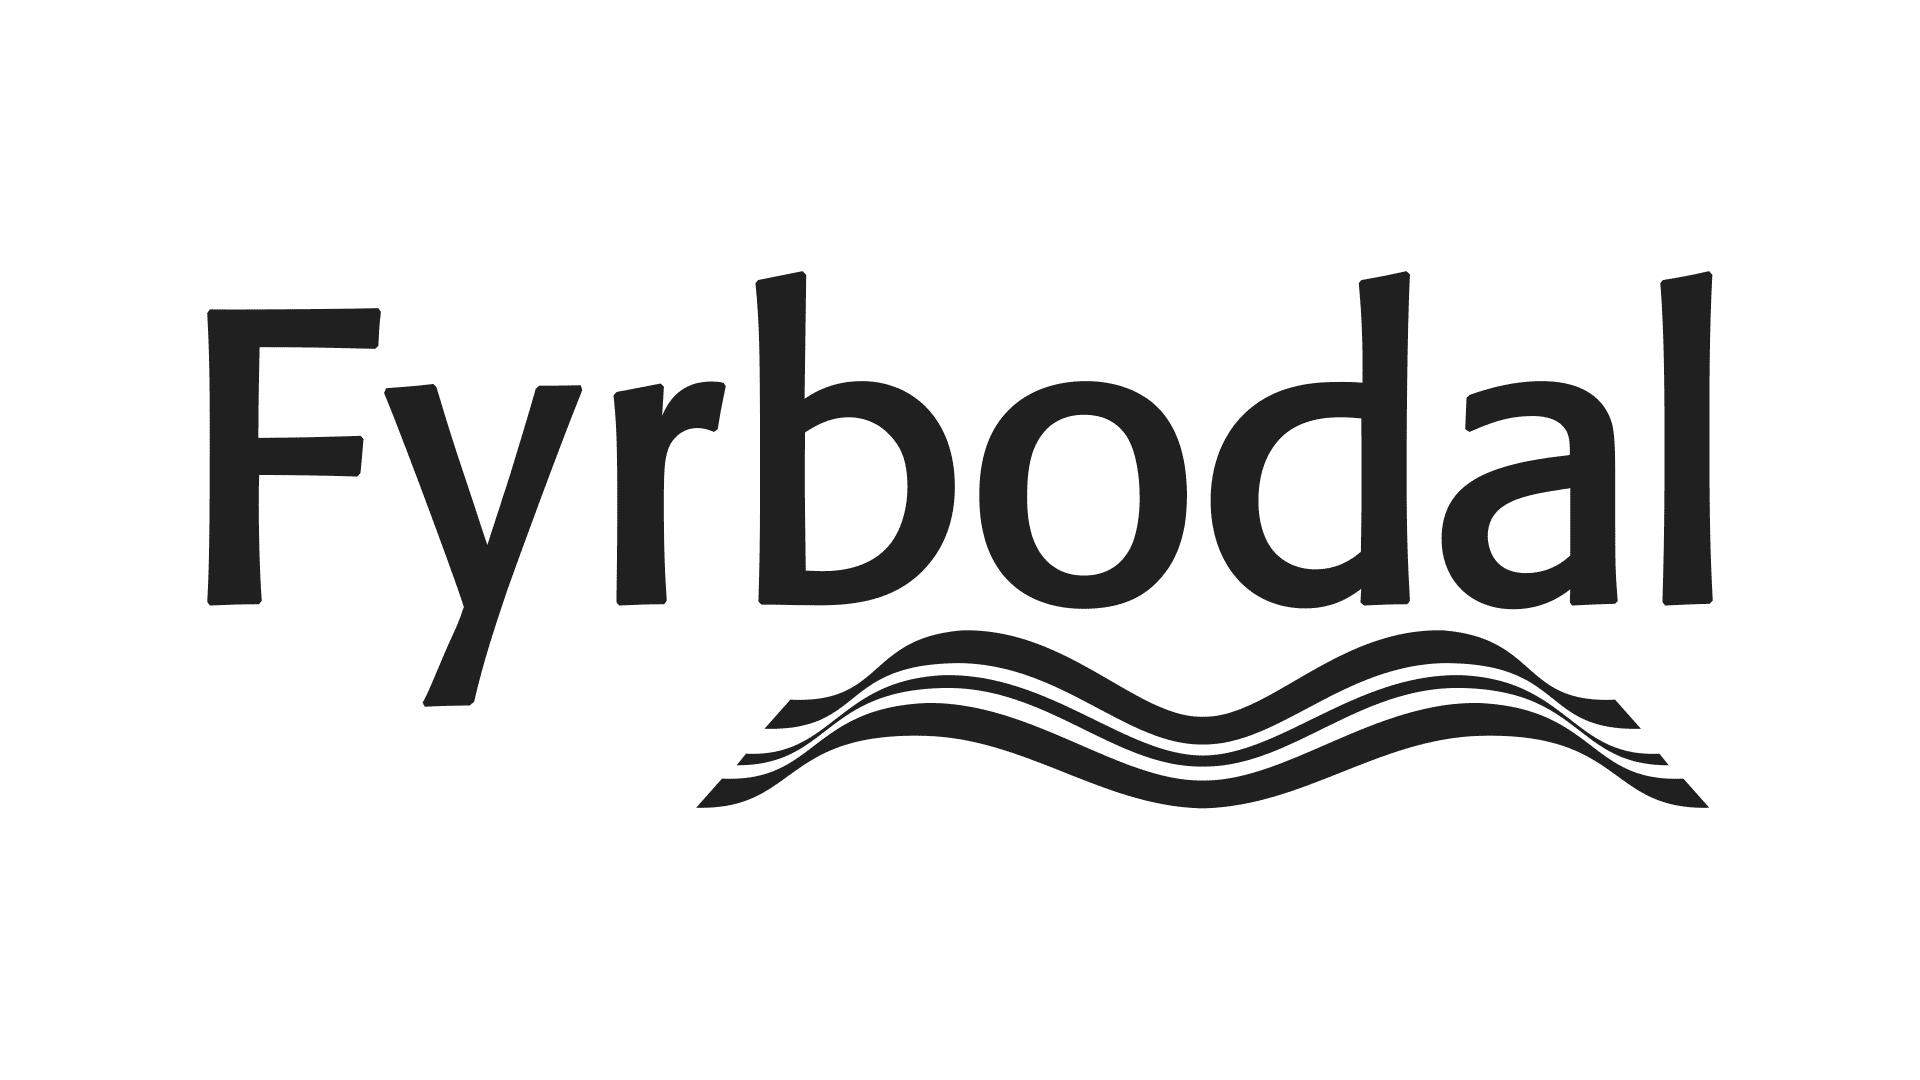 fyrbodal-1920